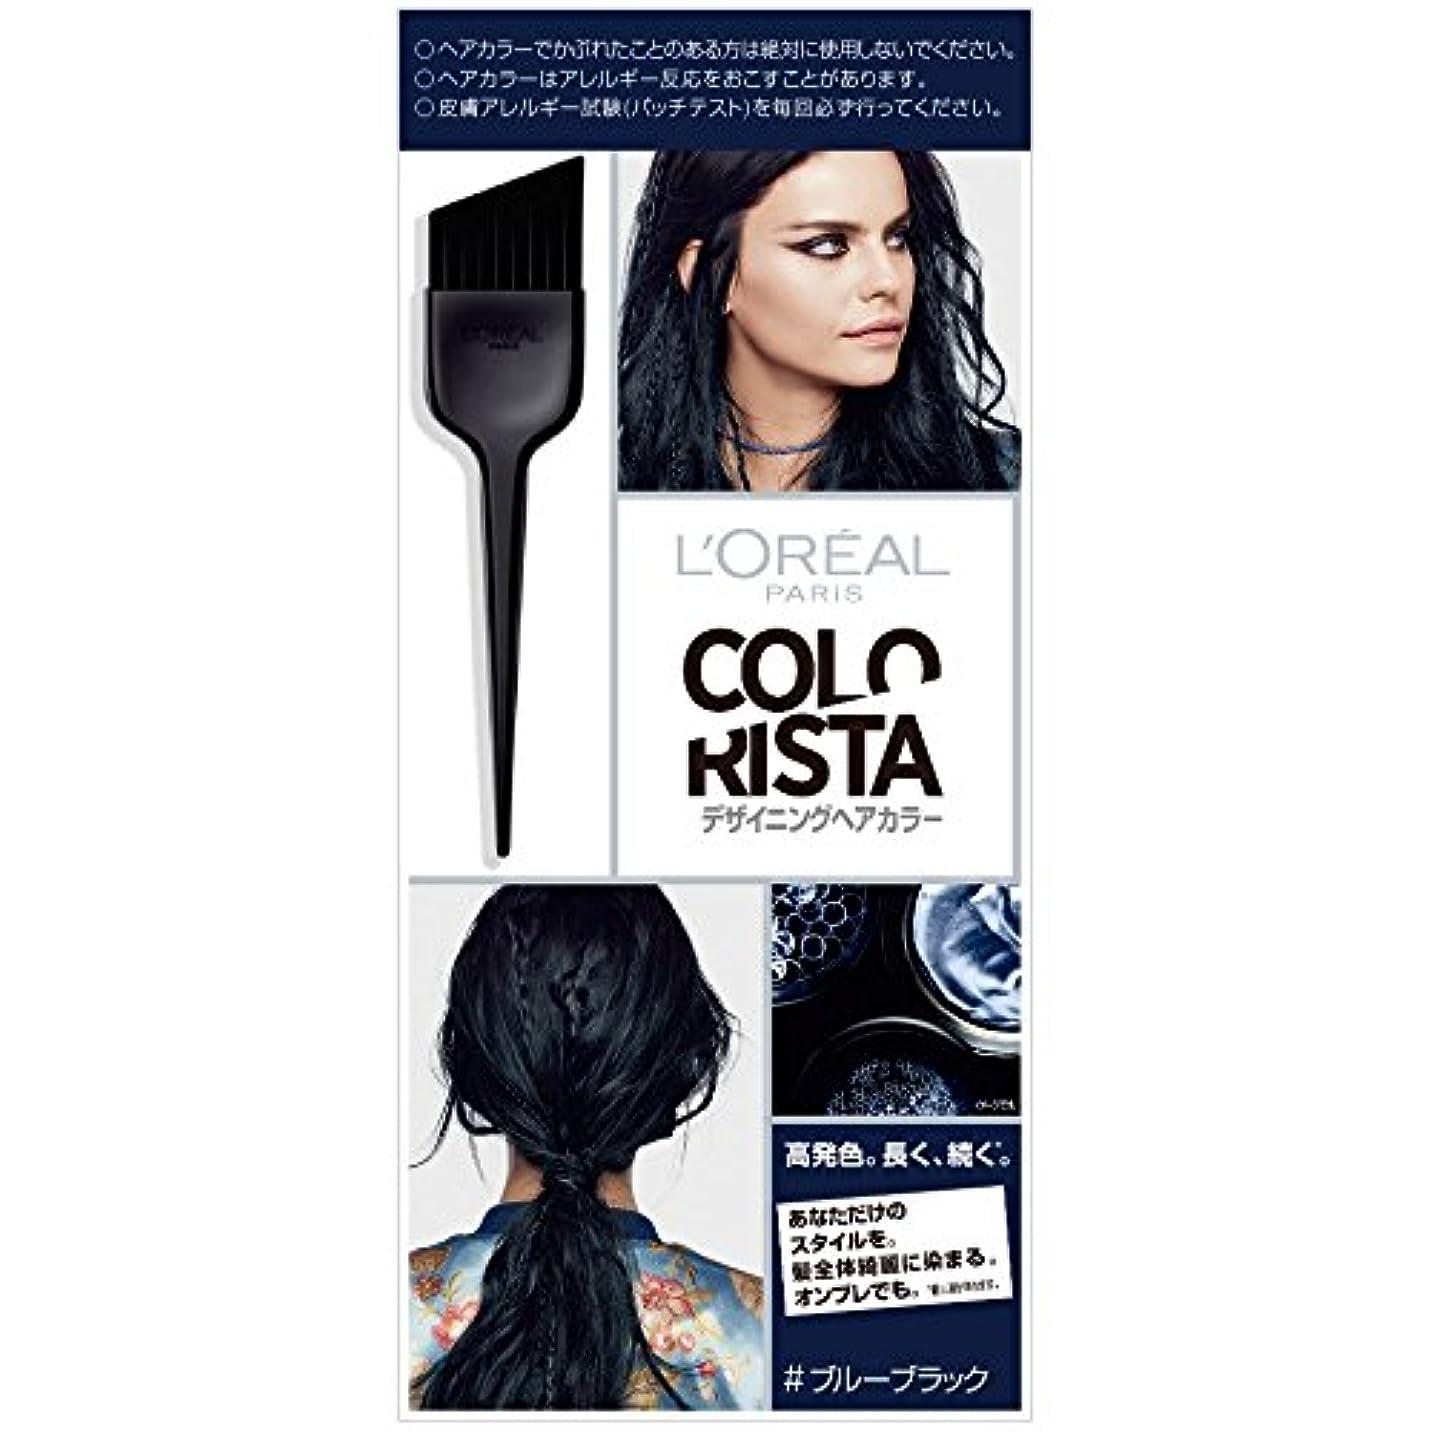 面白いやけど不当ロレアル パリ カラーリスタ デザイニングヘアカラー ブルーブラック